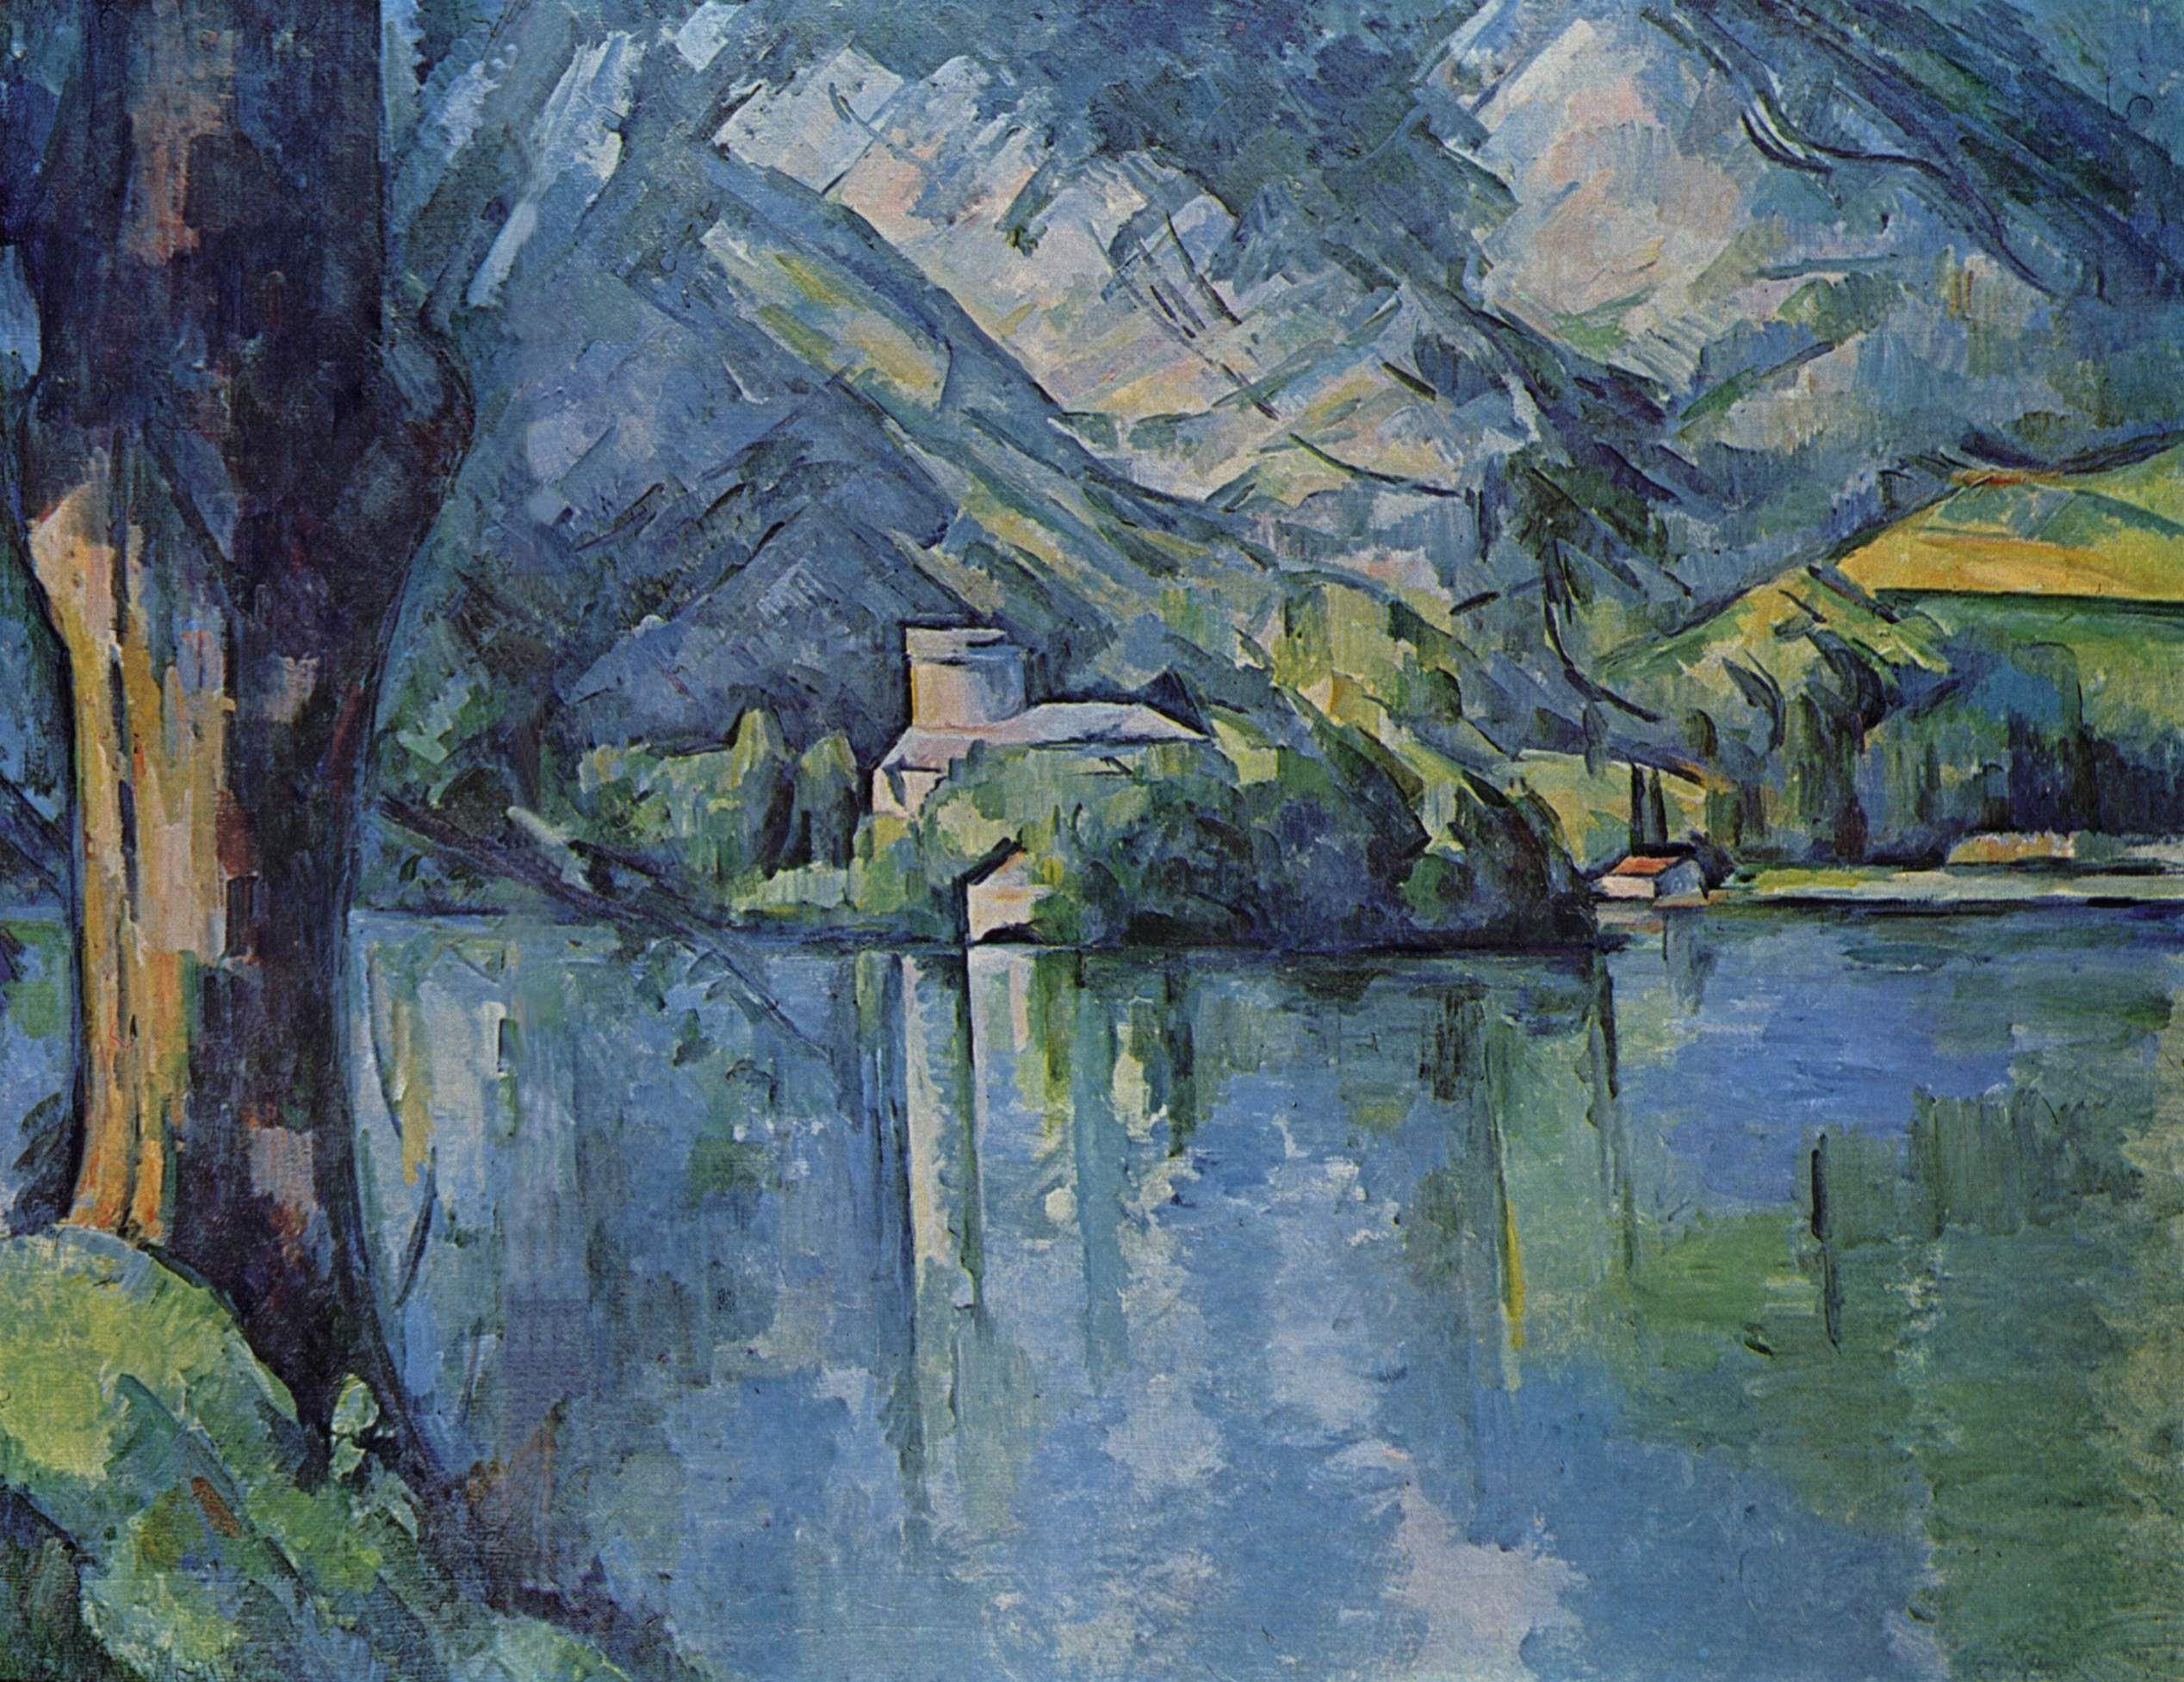 Le Lac Du0027Annecy Dans La Peinture Définit Le Thème Artistique Représentant  En Peinture Le Lac Du0027Annecy, Entouré De Ses Montagnes Et De Son  Environnement ...